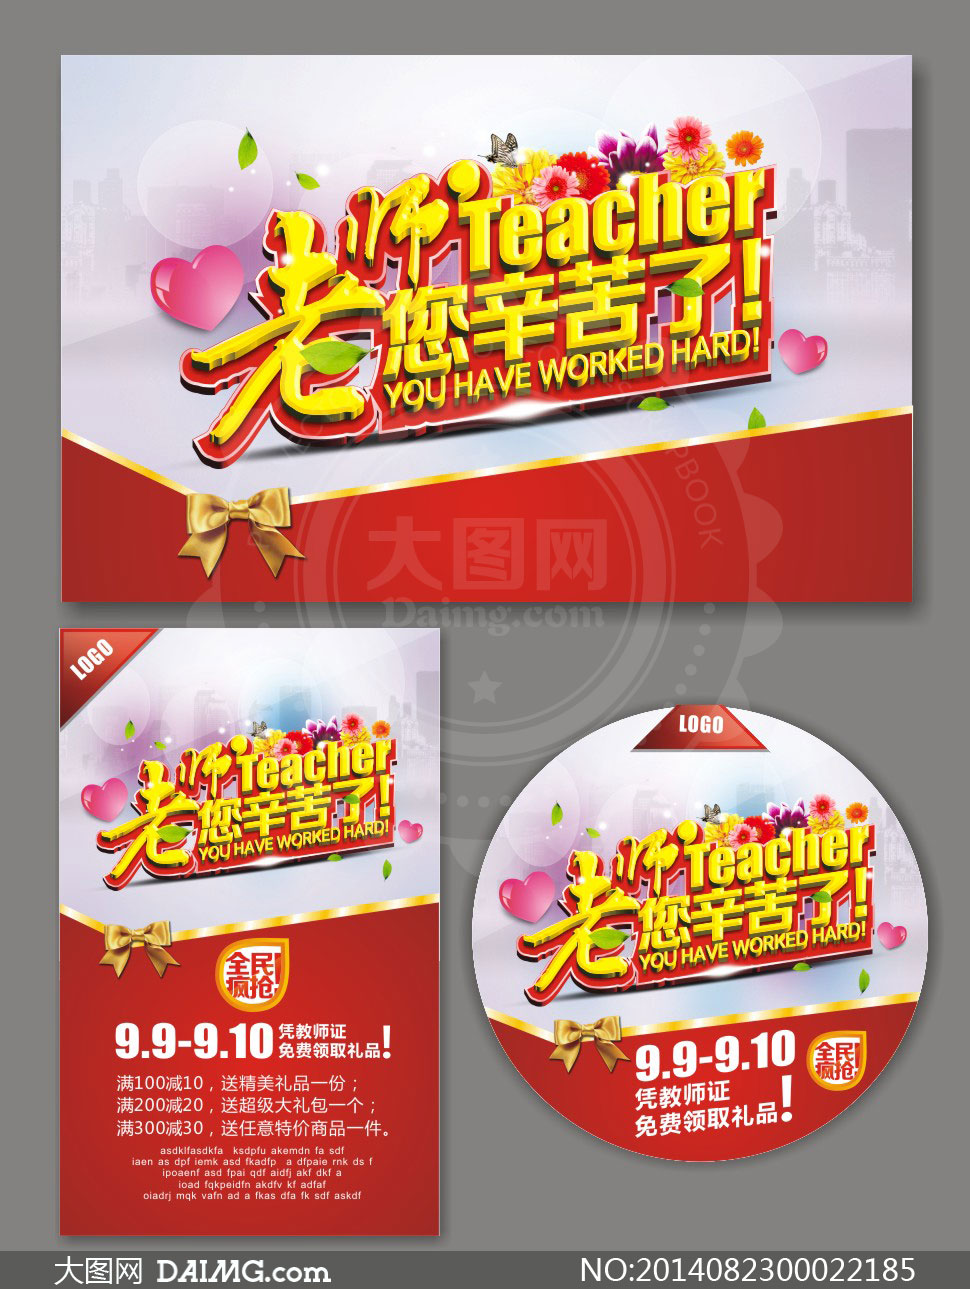 更新时间: 2014-08-23 特别说明:  老师您辛苦了教师节海报矢量素材